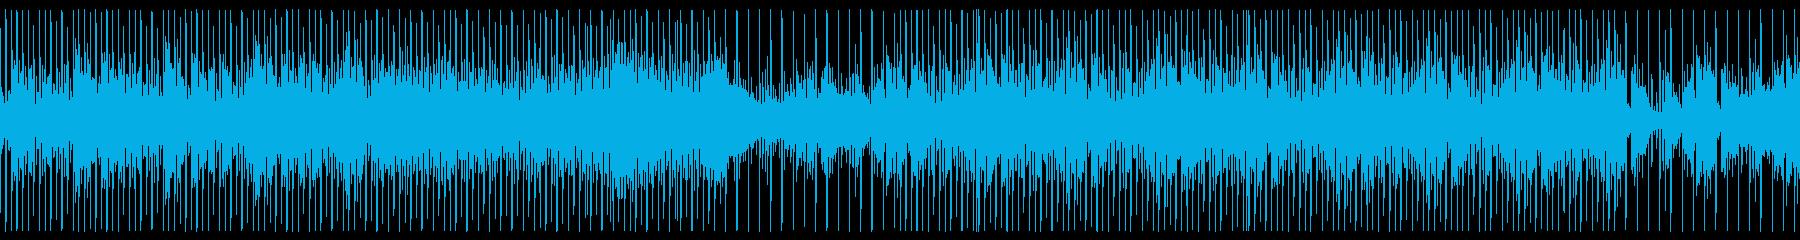 機械的で冷たいテクスチャーEDMの再生済みの波形